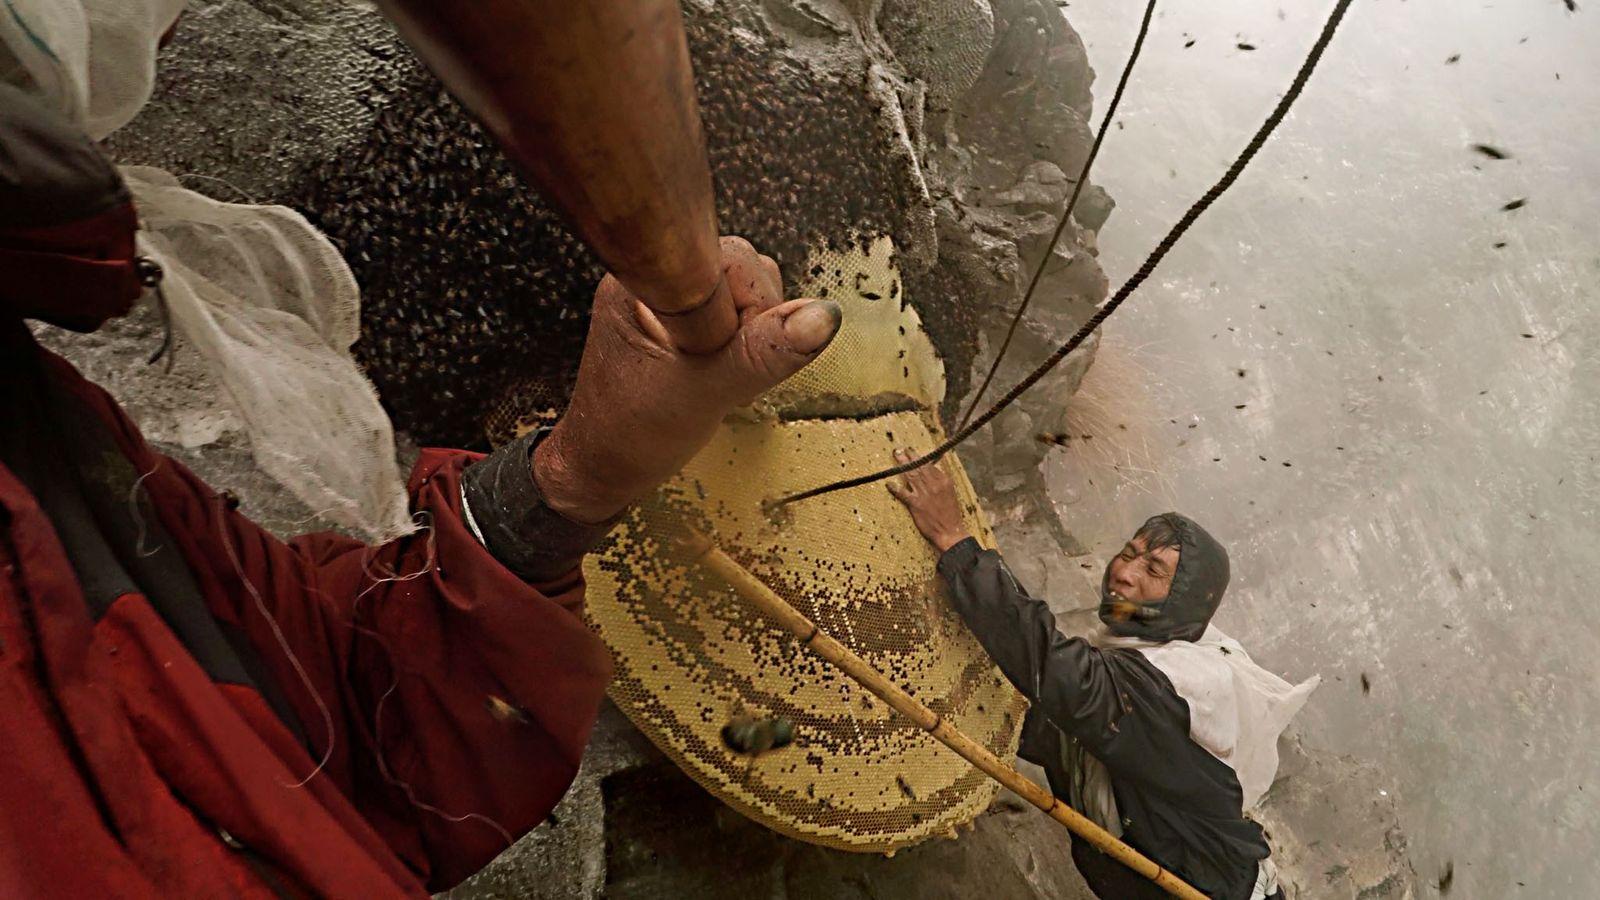 Asdhan Kulung (à droite) a noué une corde à une ruche qu'il maintient pendant que Mauli ...